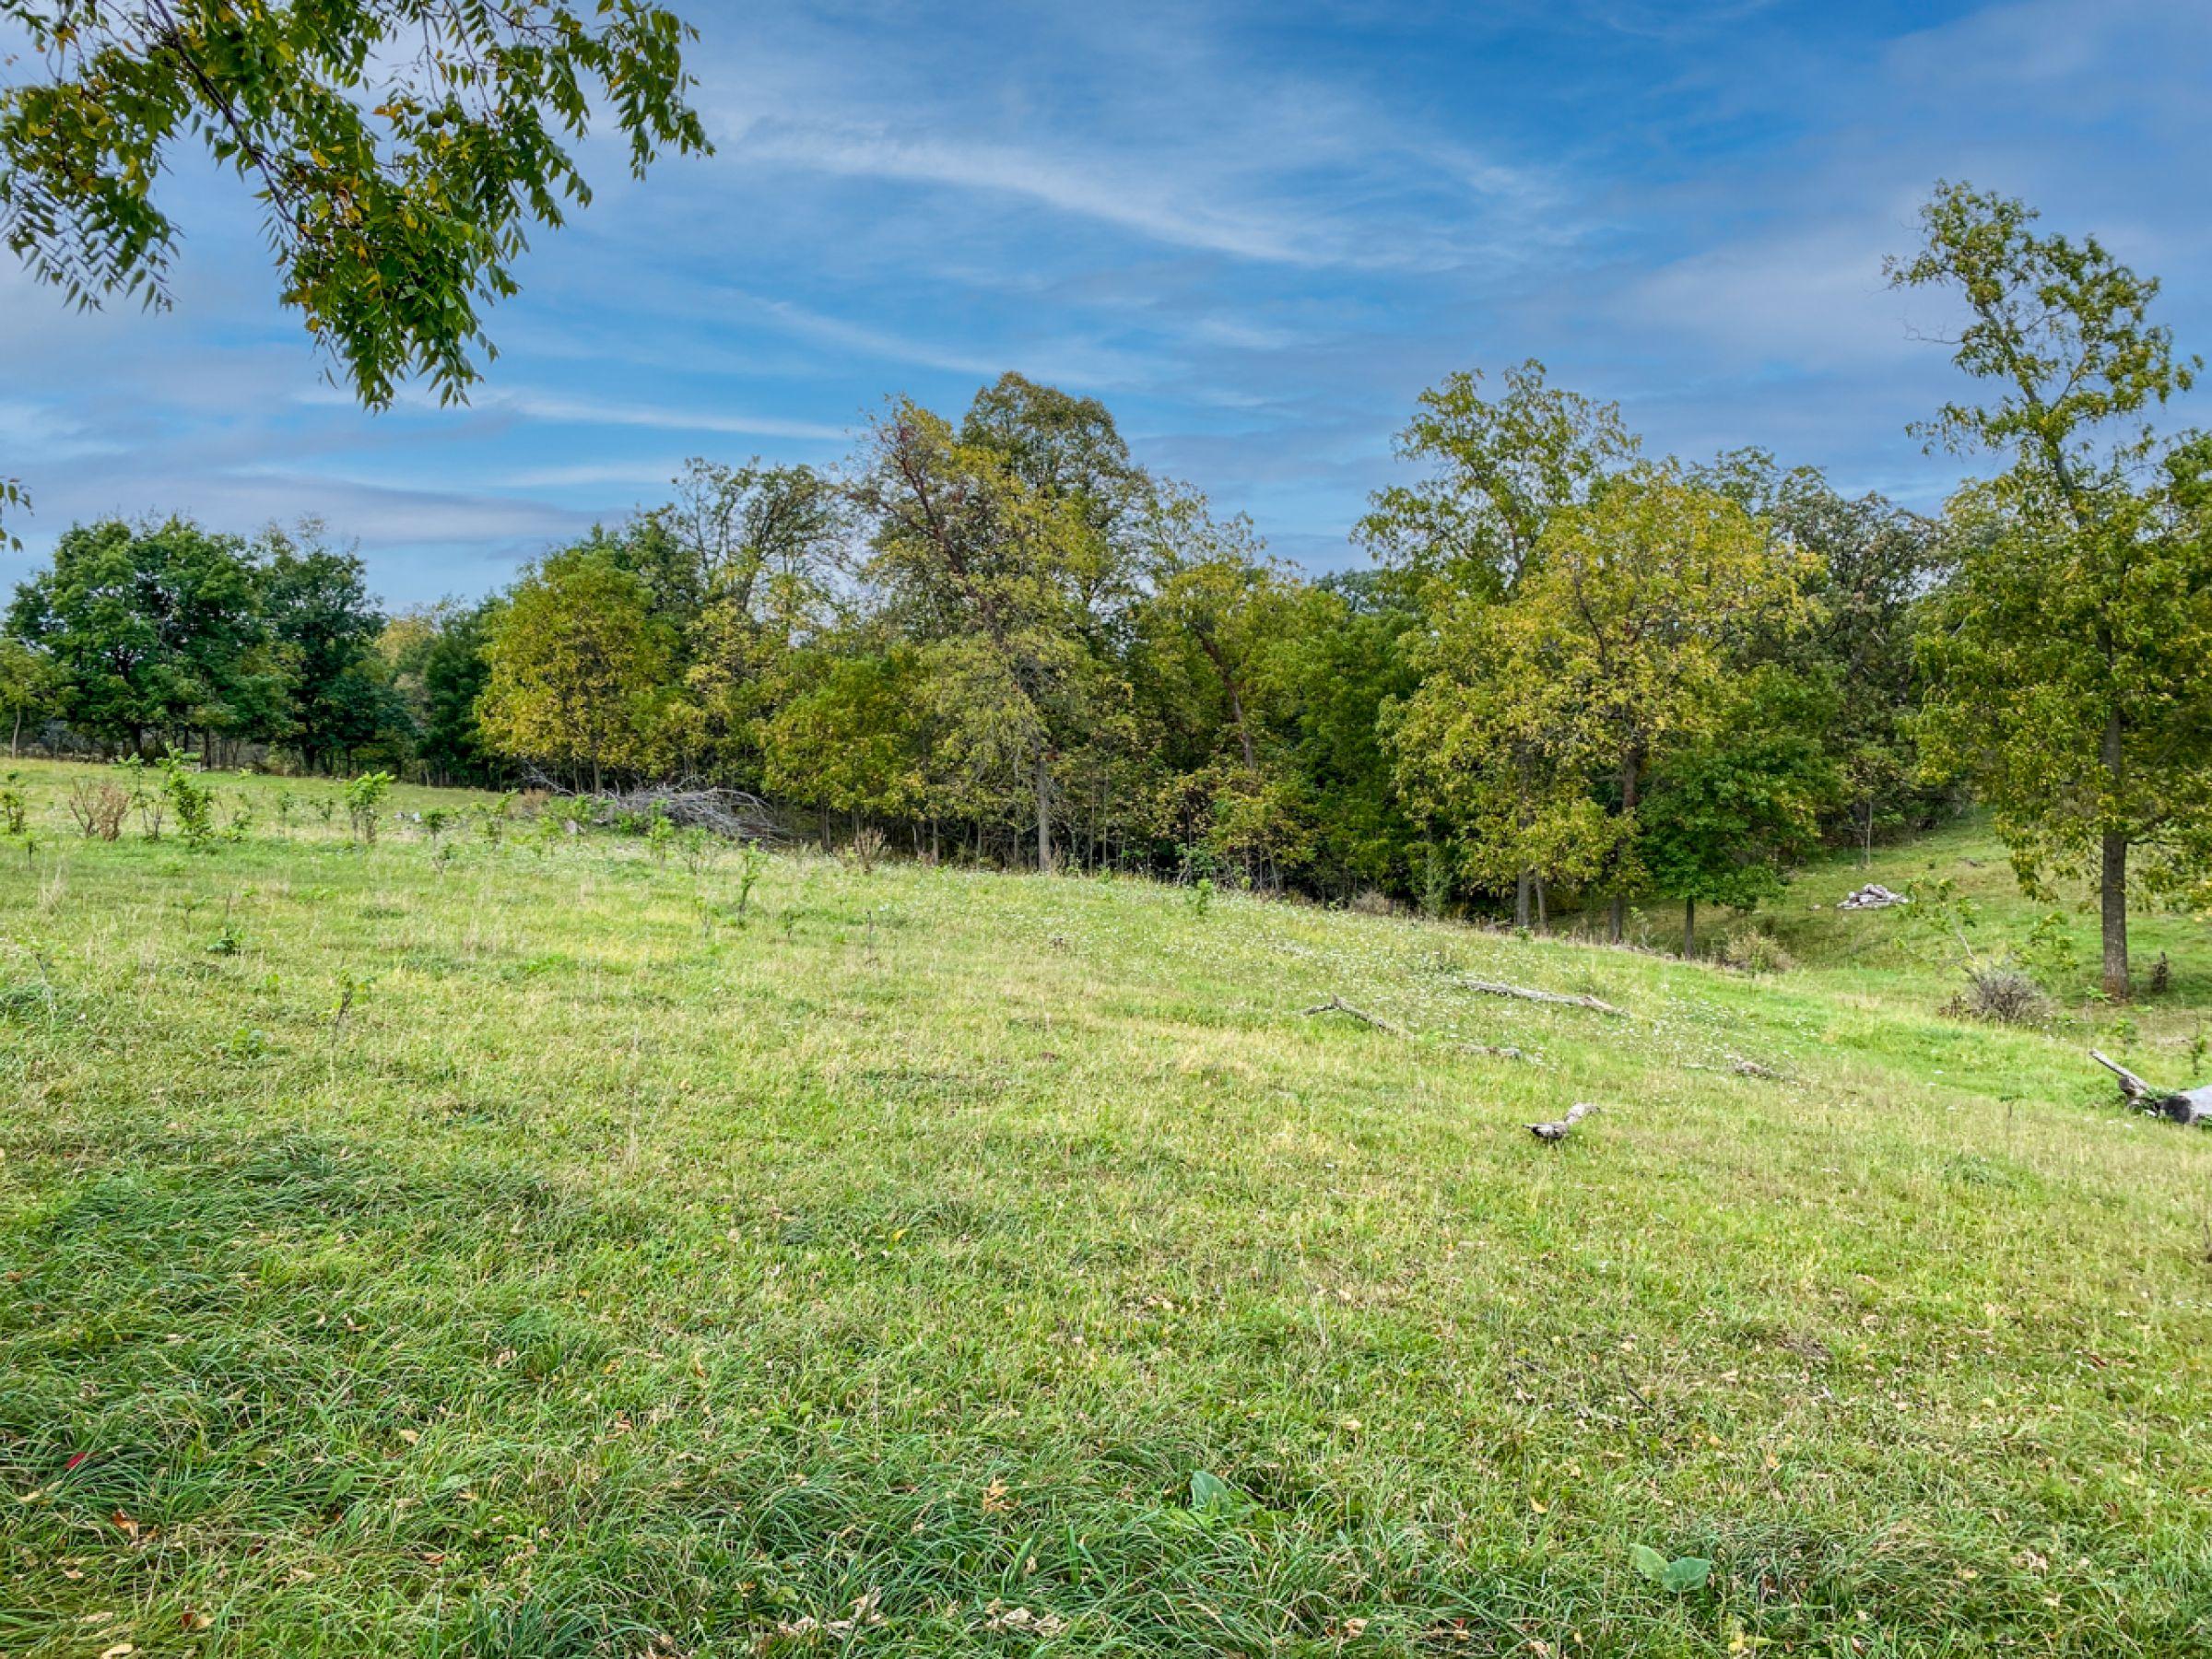 2-apple-grove-church-road-argyle-53504-7-2021-09-21-153559.jpg